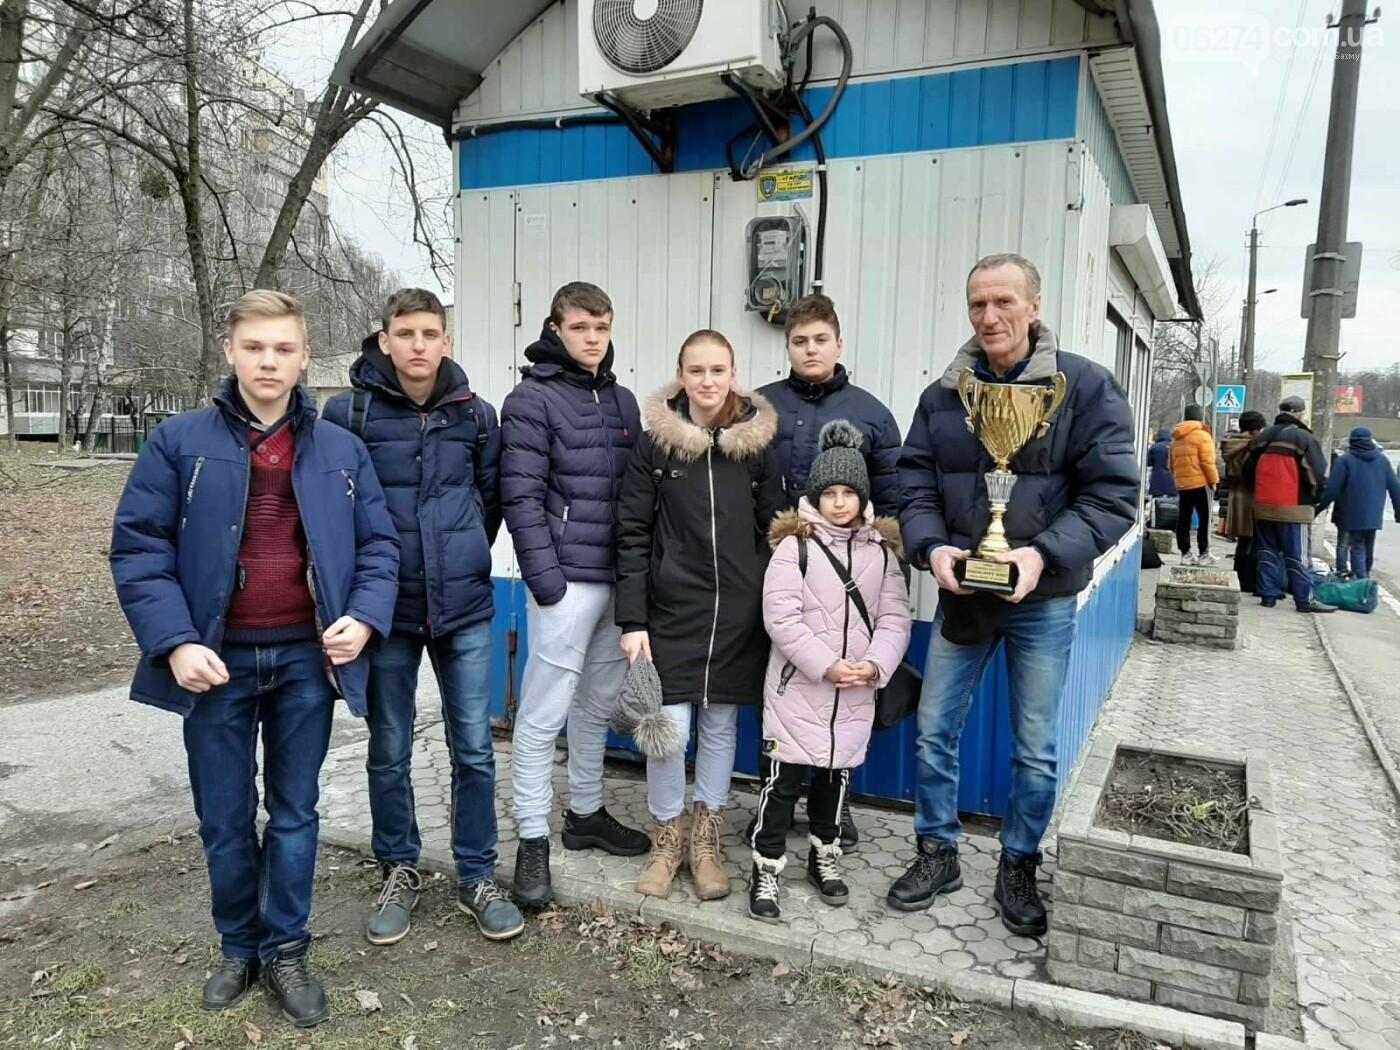 Бахмутчане завоевали призовые места на чемпионате Украины по кикбоксингу, фото-3